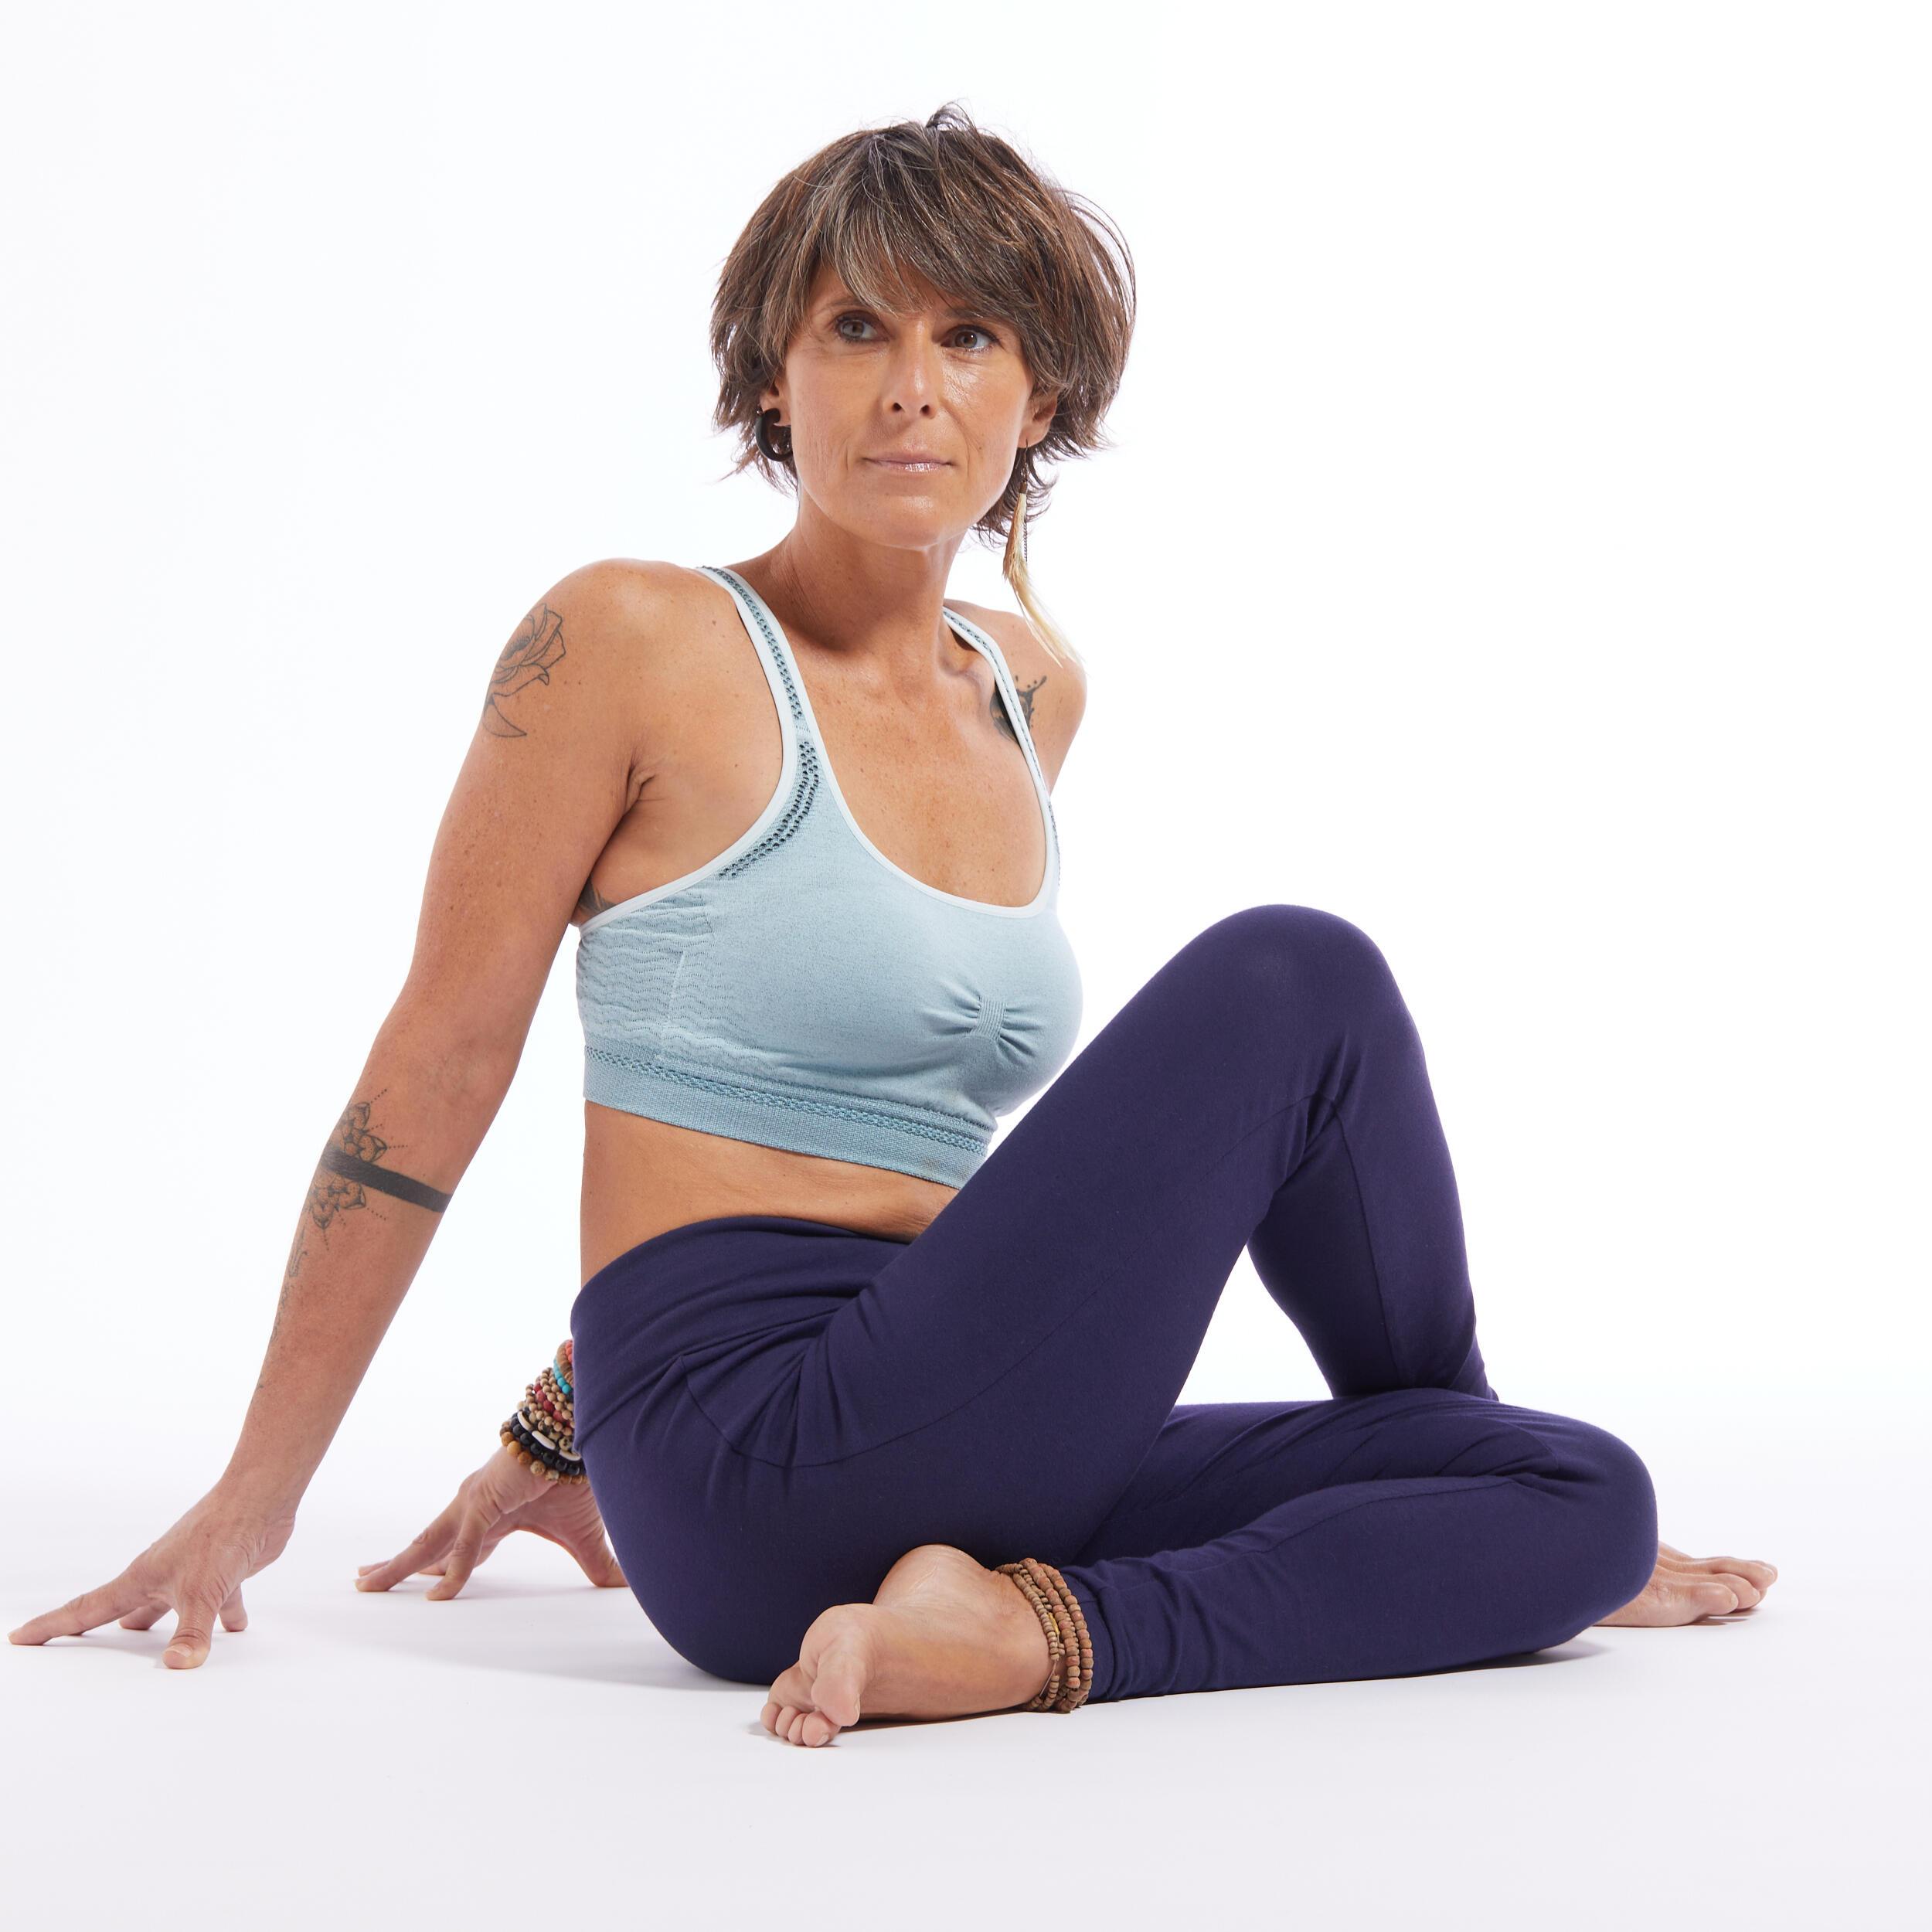 Yoga Kleidung für Damen günstig online kaufen   DECATHLON